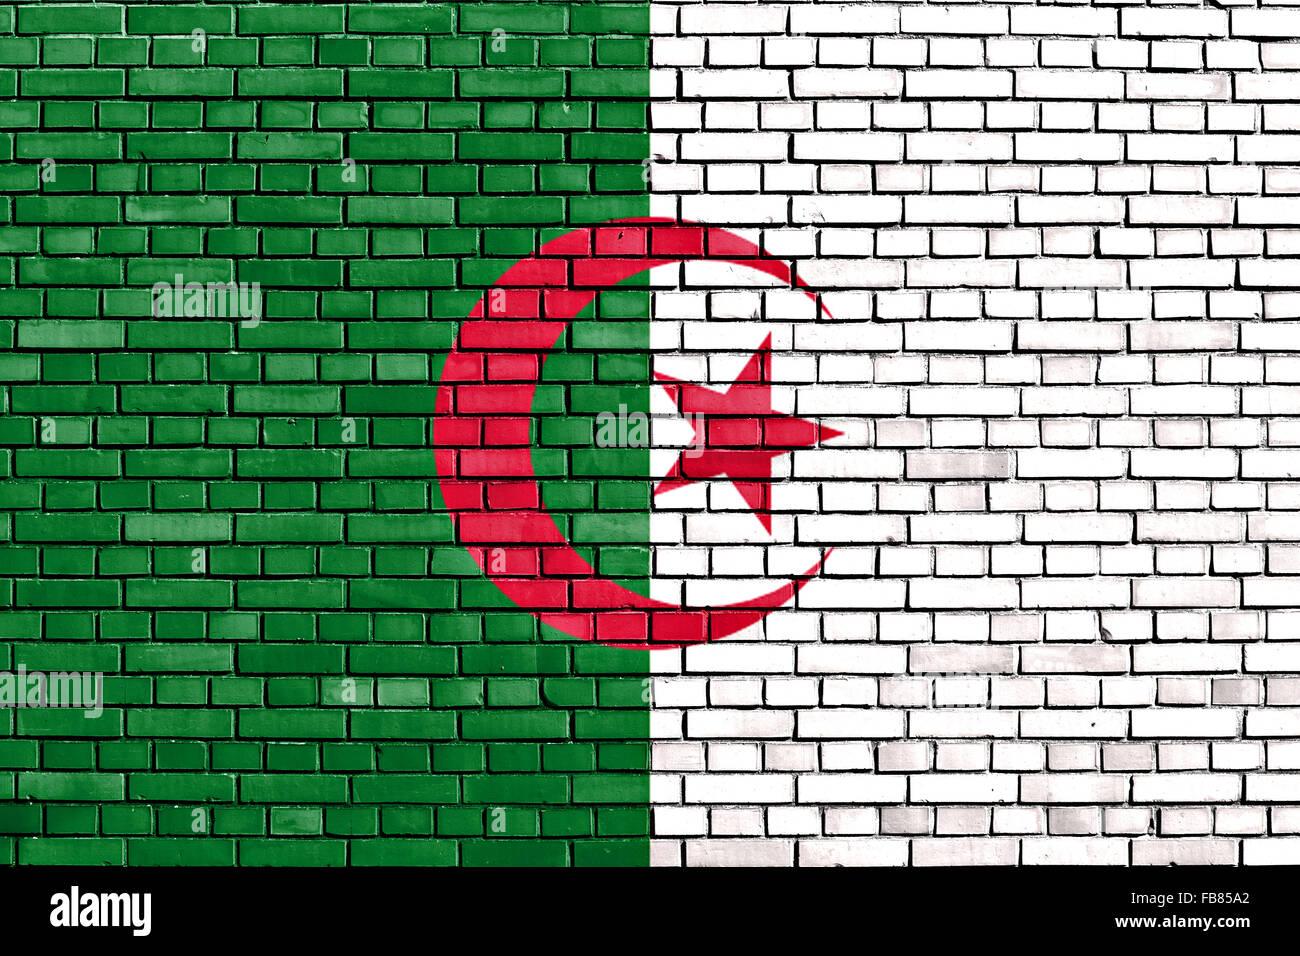 Pavillon de l'Algérie a peint sur mur de brique Photo Stock